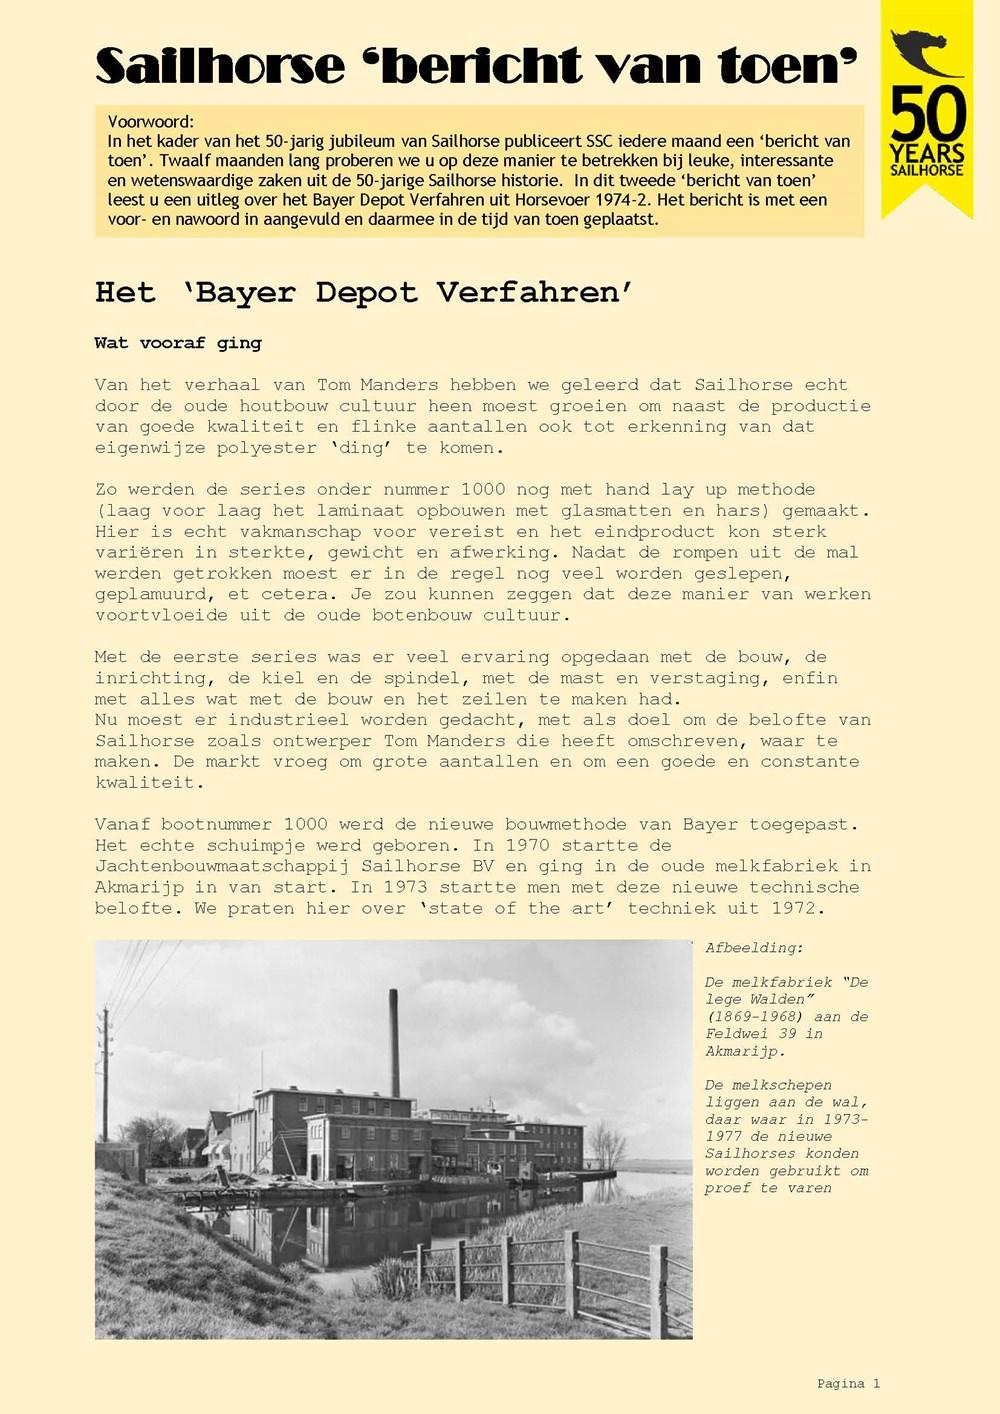 Bericht_van_toen_April_Page_1.jpg